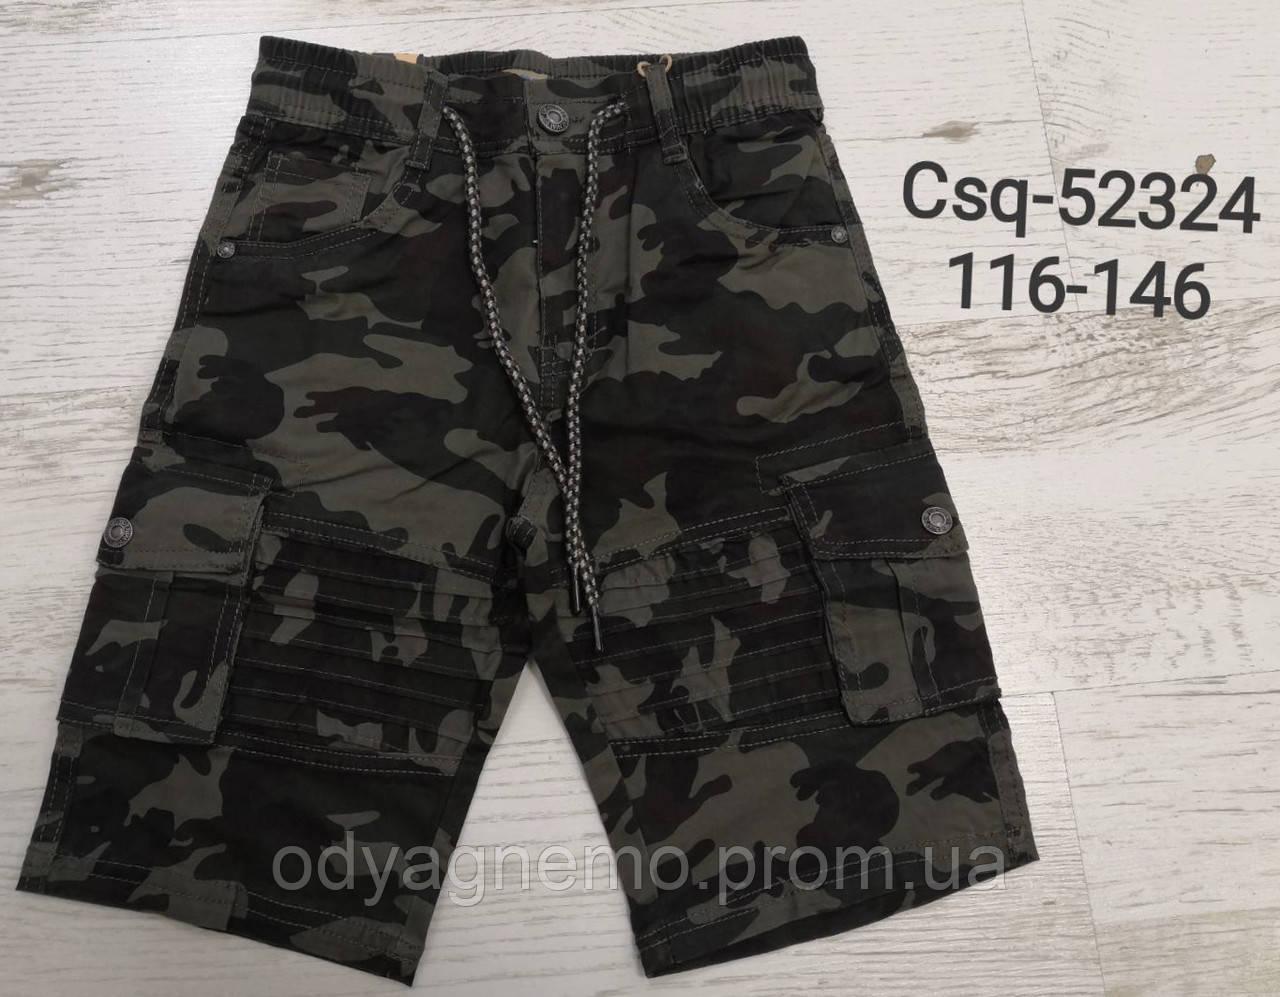 Котоновые шорты для мальчиков Seagull, 116-146 pp. Артикул: CSQ52324